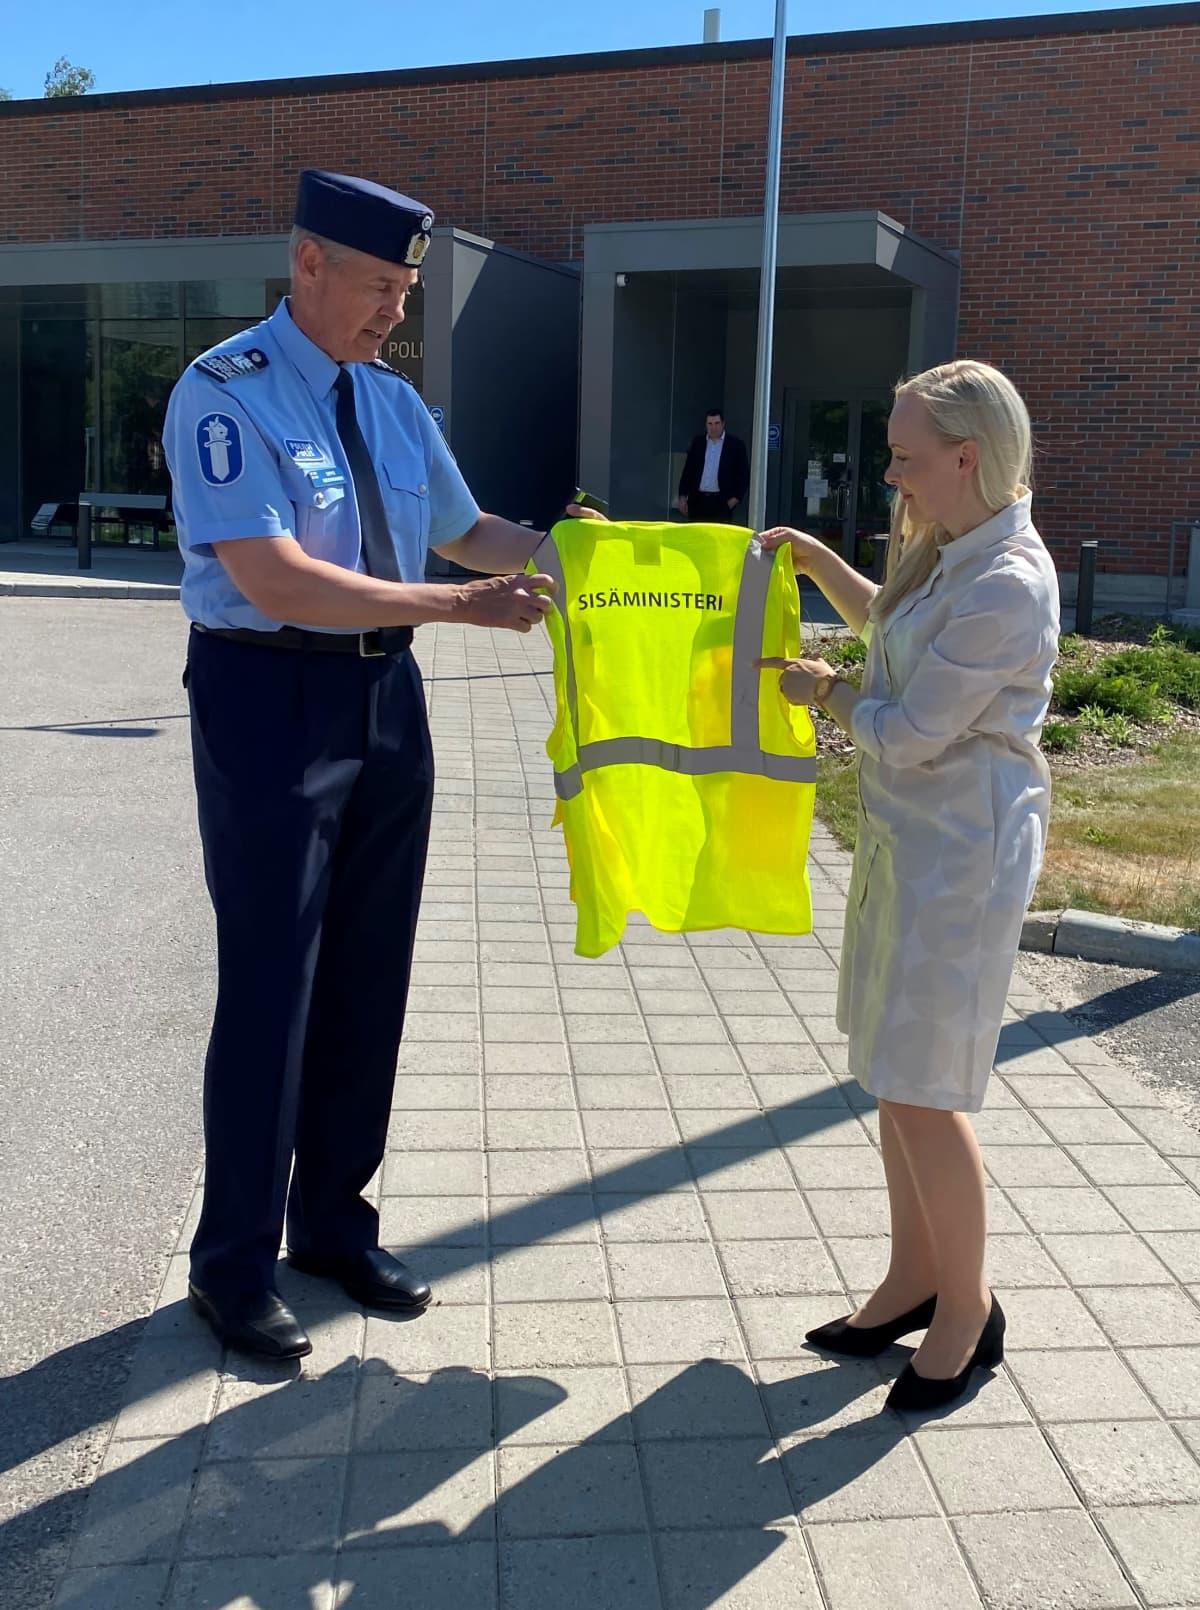 Sisäministeri Maria Ohisalo pitelemässä poliisin avulla turvaliiviä, jossa lukee sisäministeri.